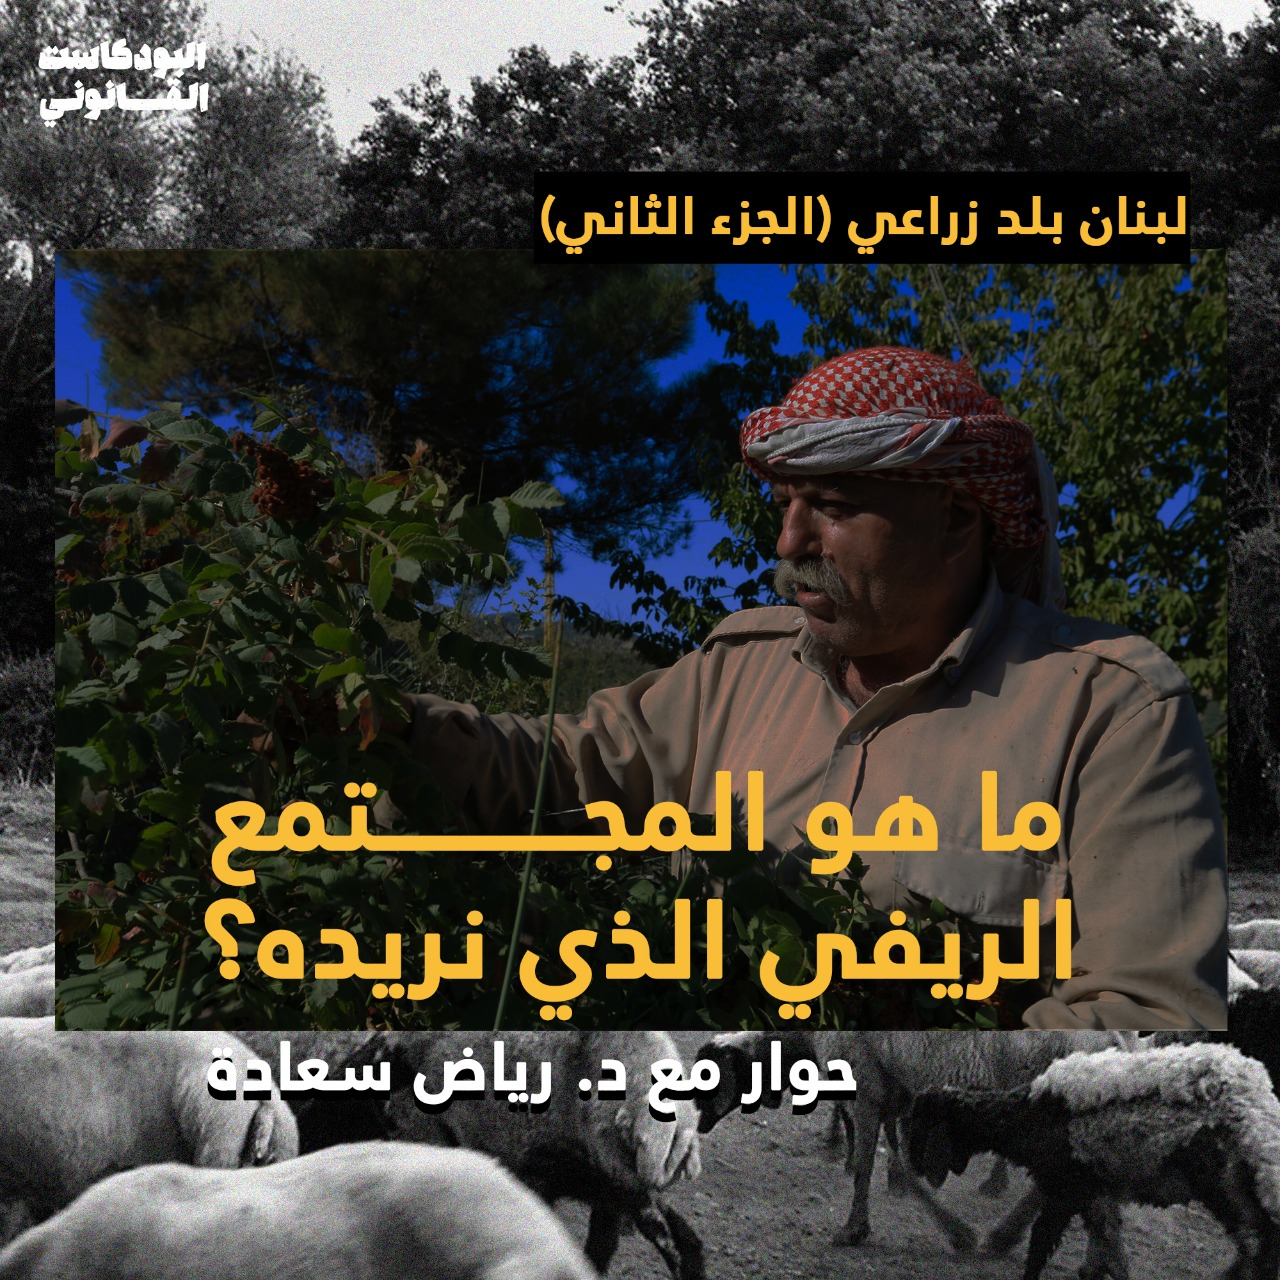 Qanuni Podcast (S02 E33): لبنان بلد زراعي (الجزء الثاني): ما هو المجتمع الريفي الذي نريده؟